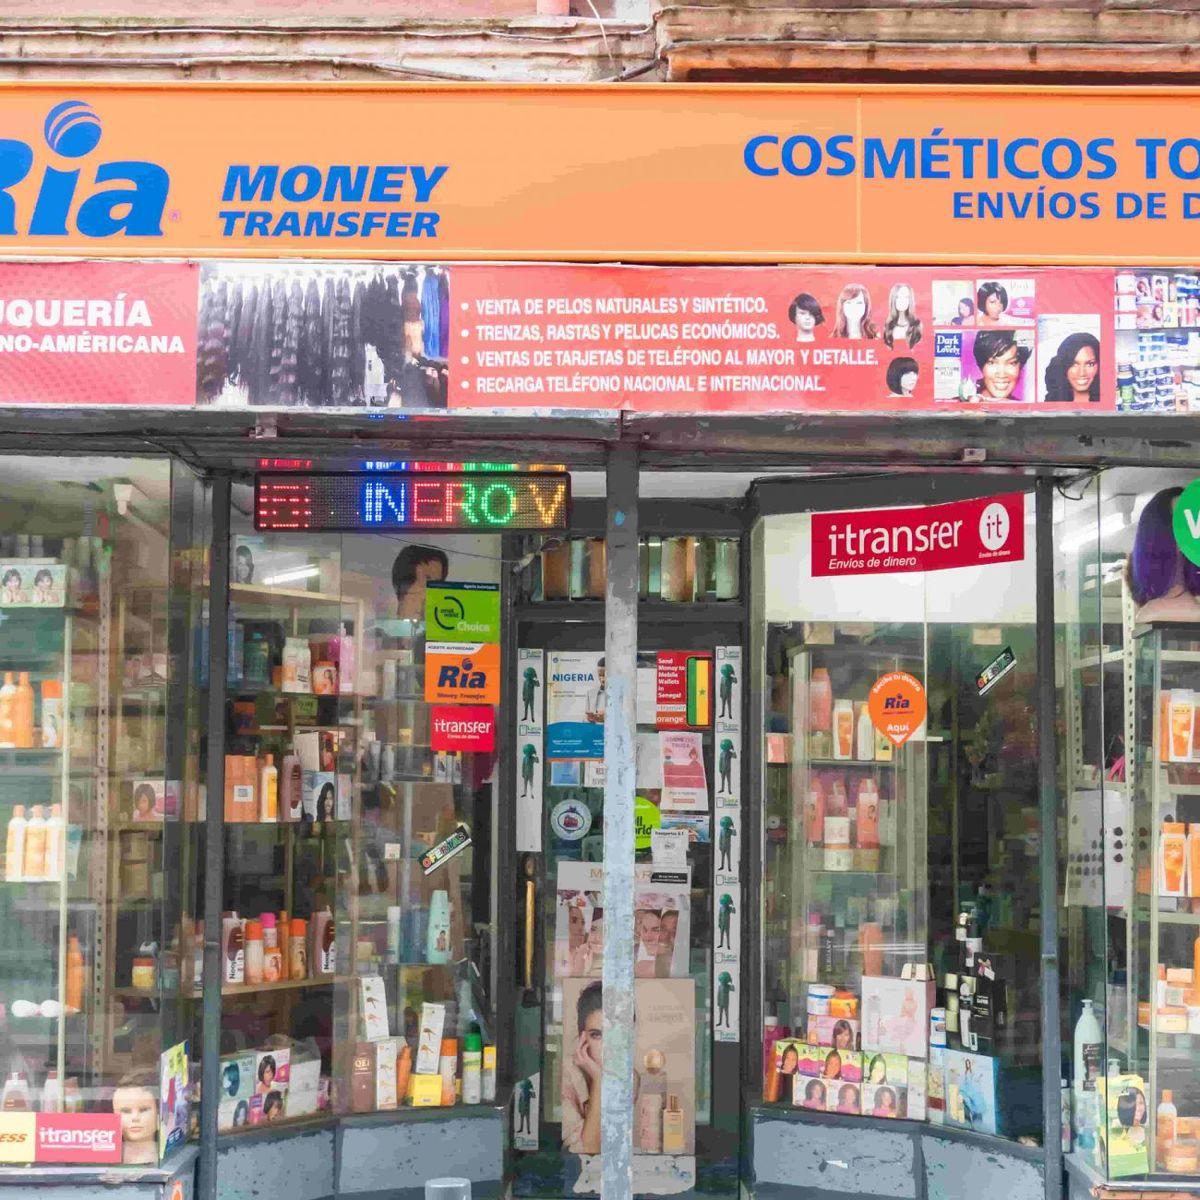 Todo tipo de cosméticos en Bilbao la Vieja